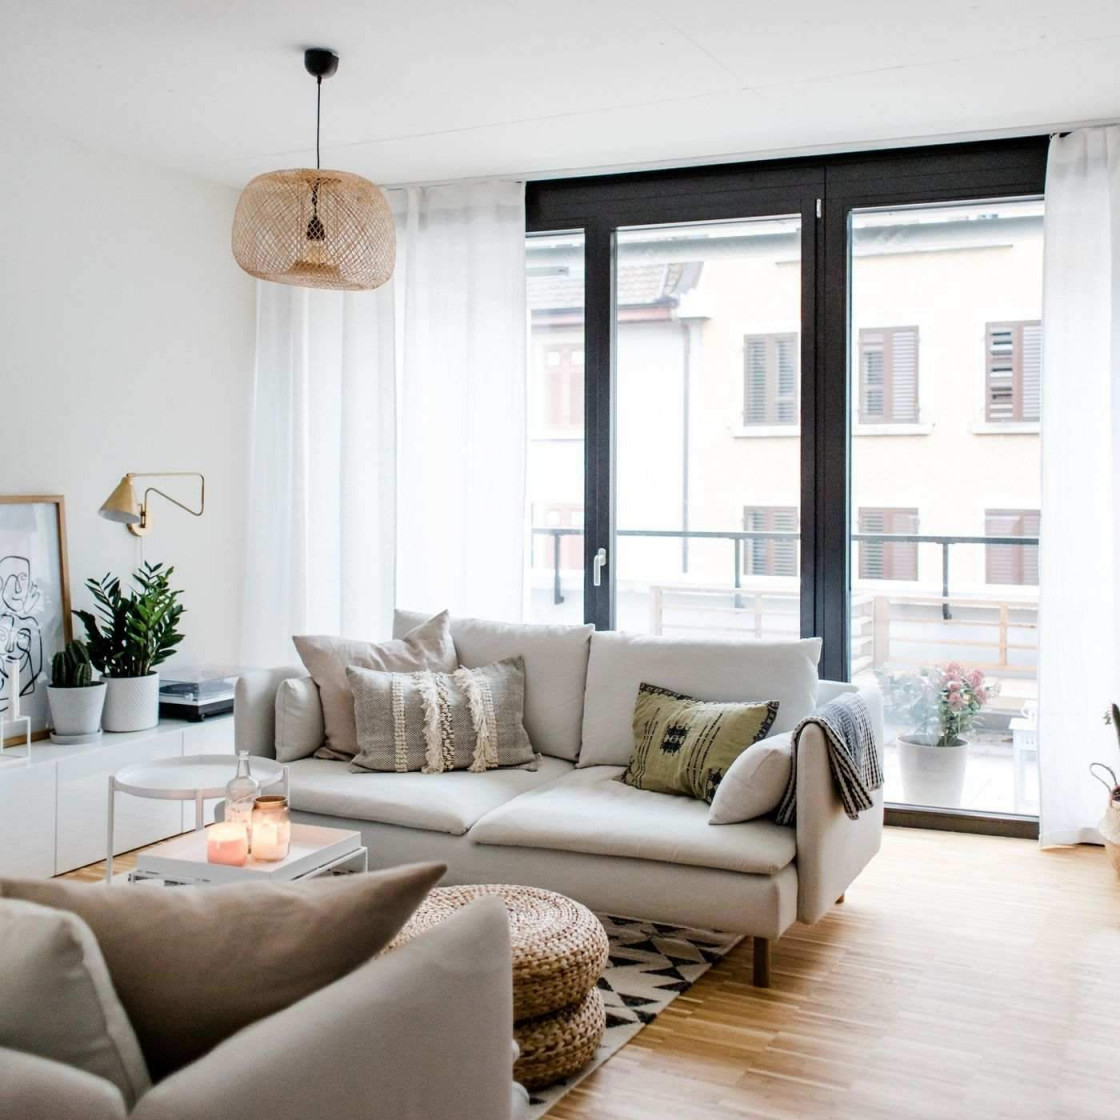 32 Luxus Kleine Wohnzimmer Modern Einrichten Genial von Wohnzimmer Klein Einrichten Bild